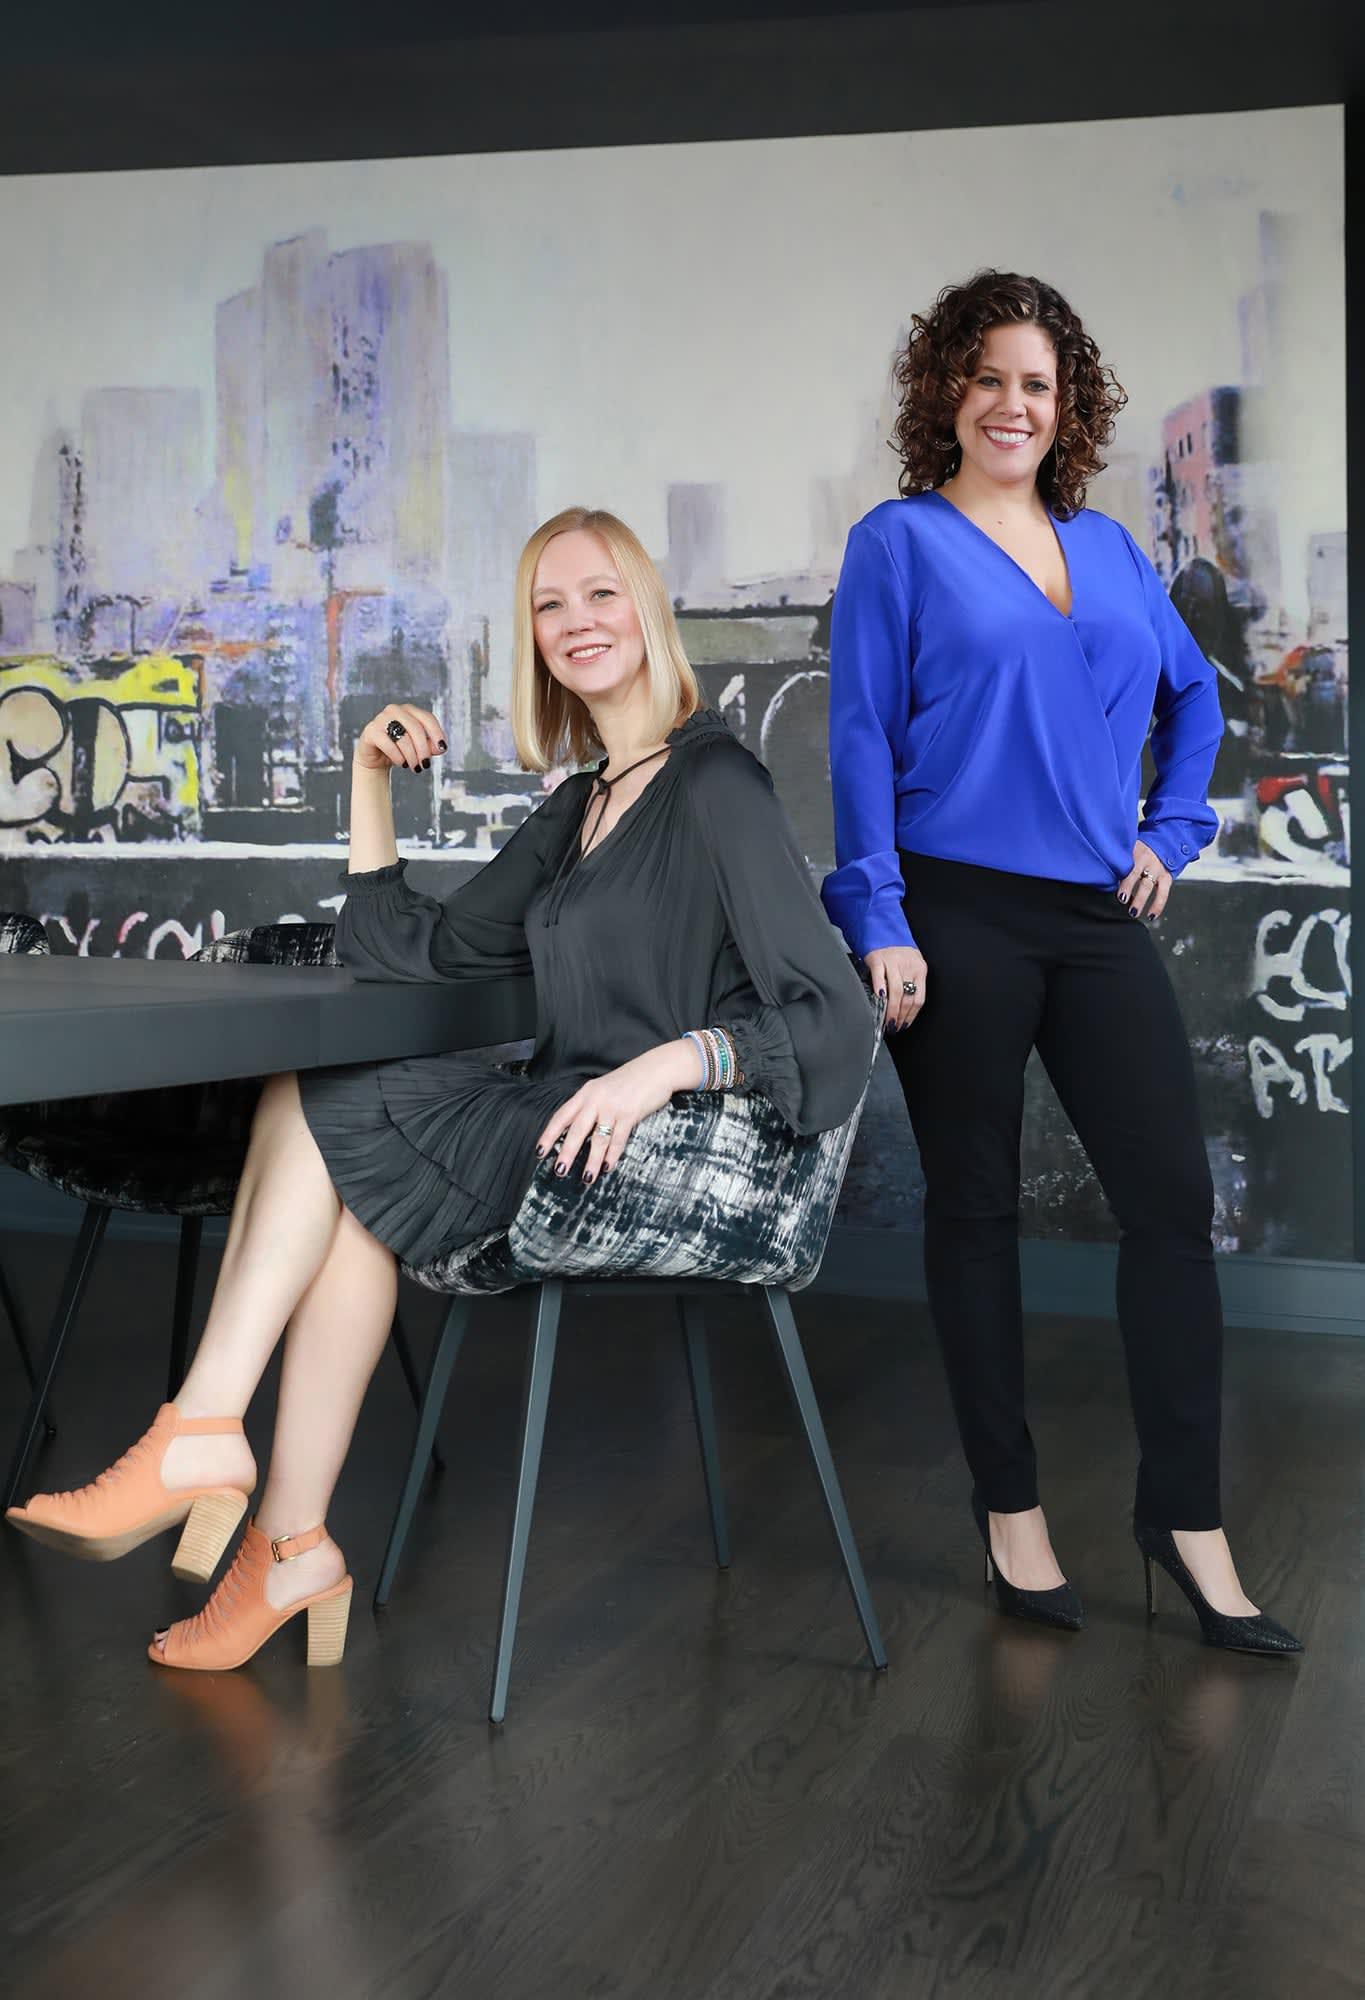 designers at rao design in chicago